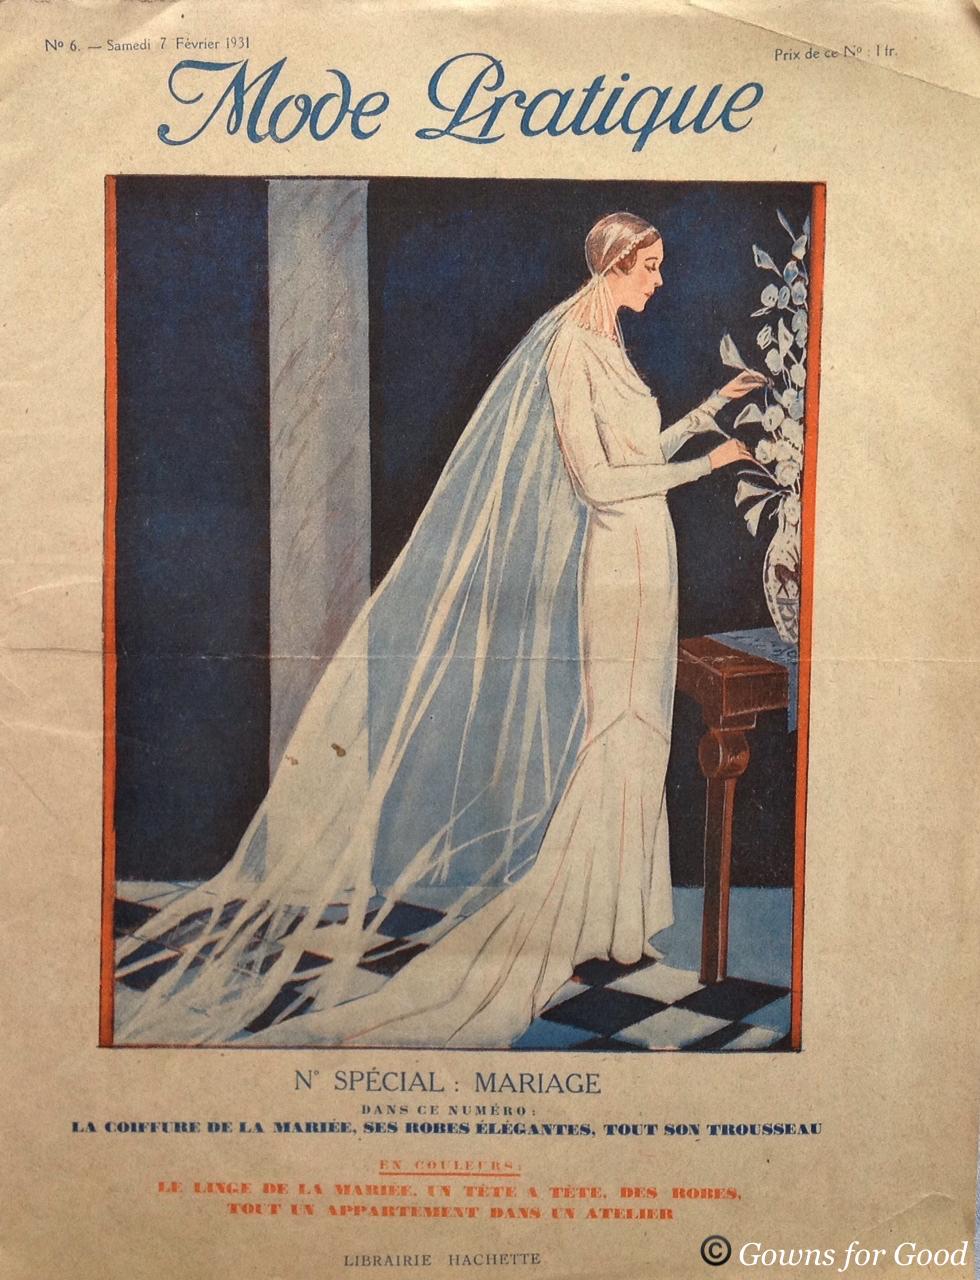 1931 Mode Pratique wedding dress